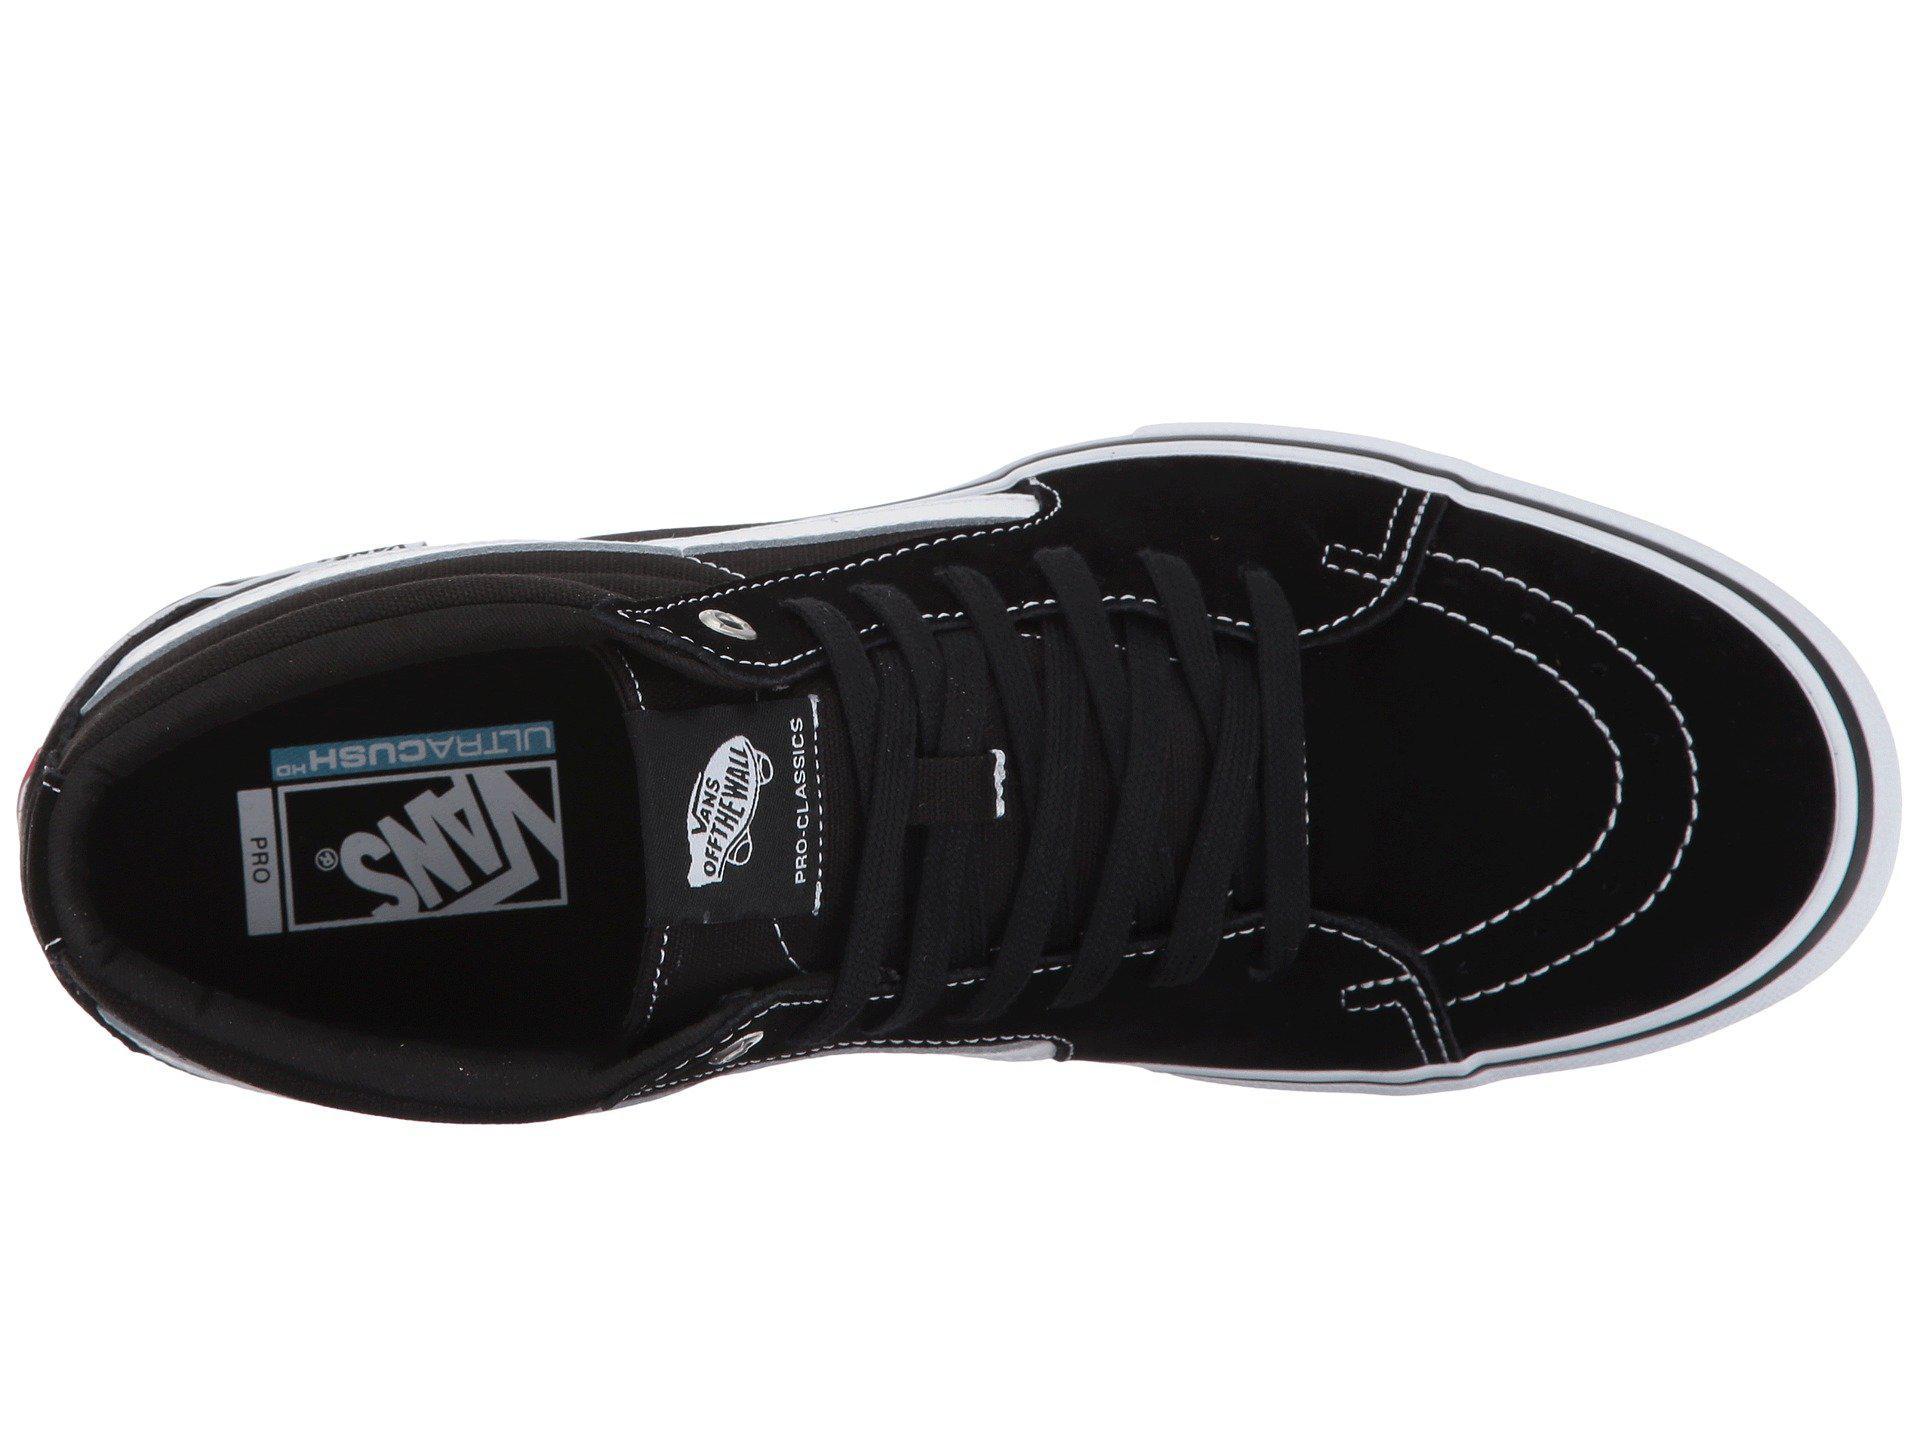 67c498b9207 Lyst - Vans Sk8-mid Pro (black white) Men s Skate Shoes in Black for Men